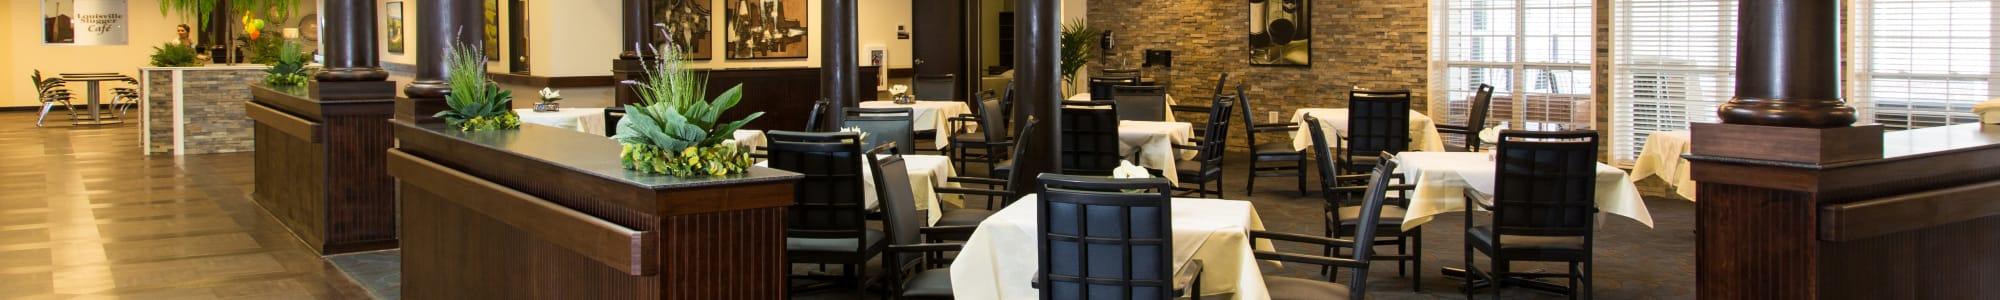 Dining room at Tiffin in Tiffin, Ohio